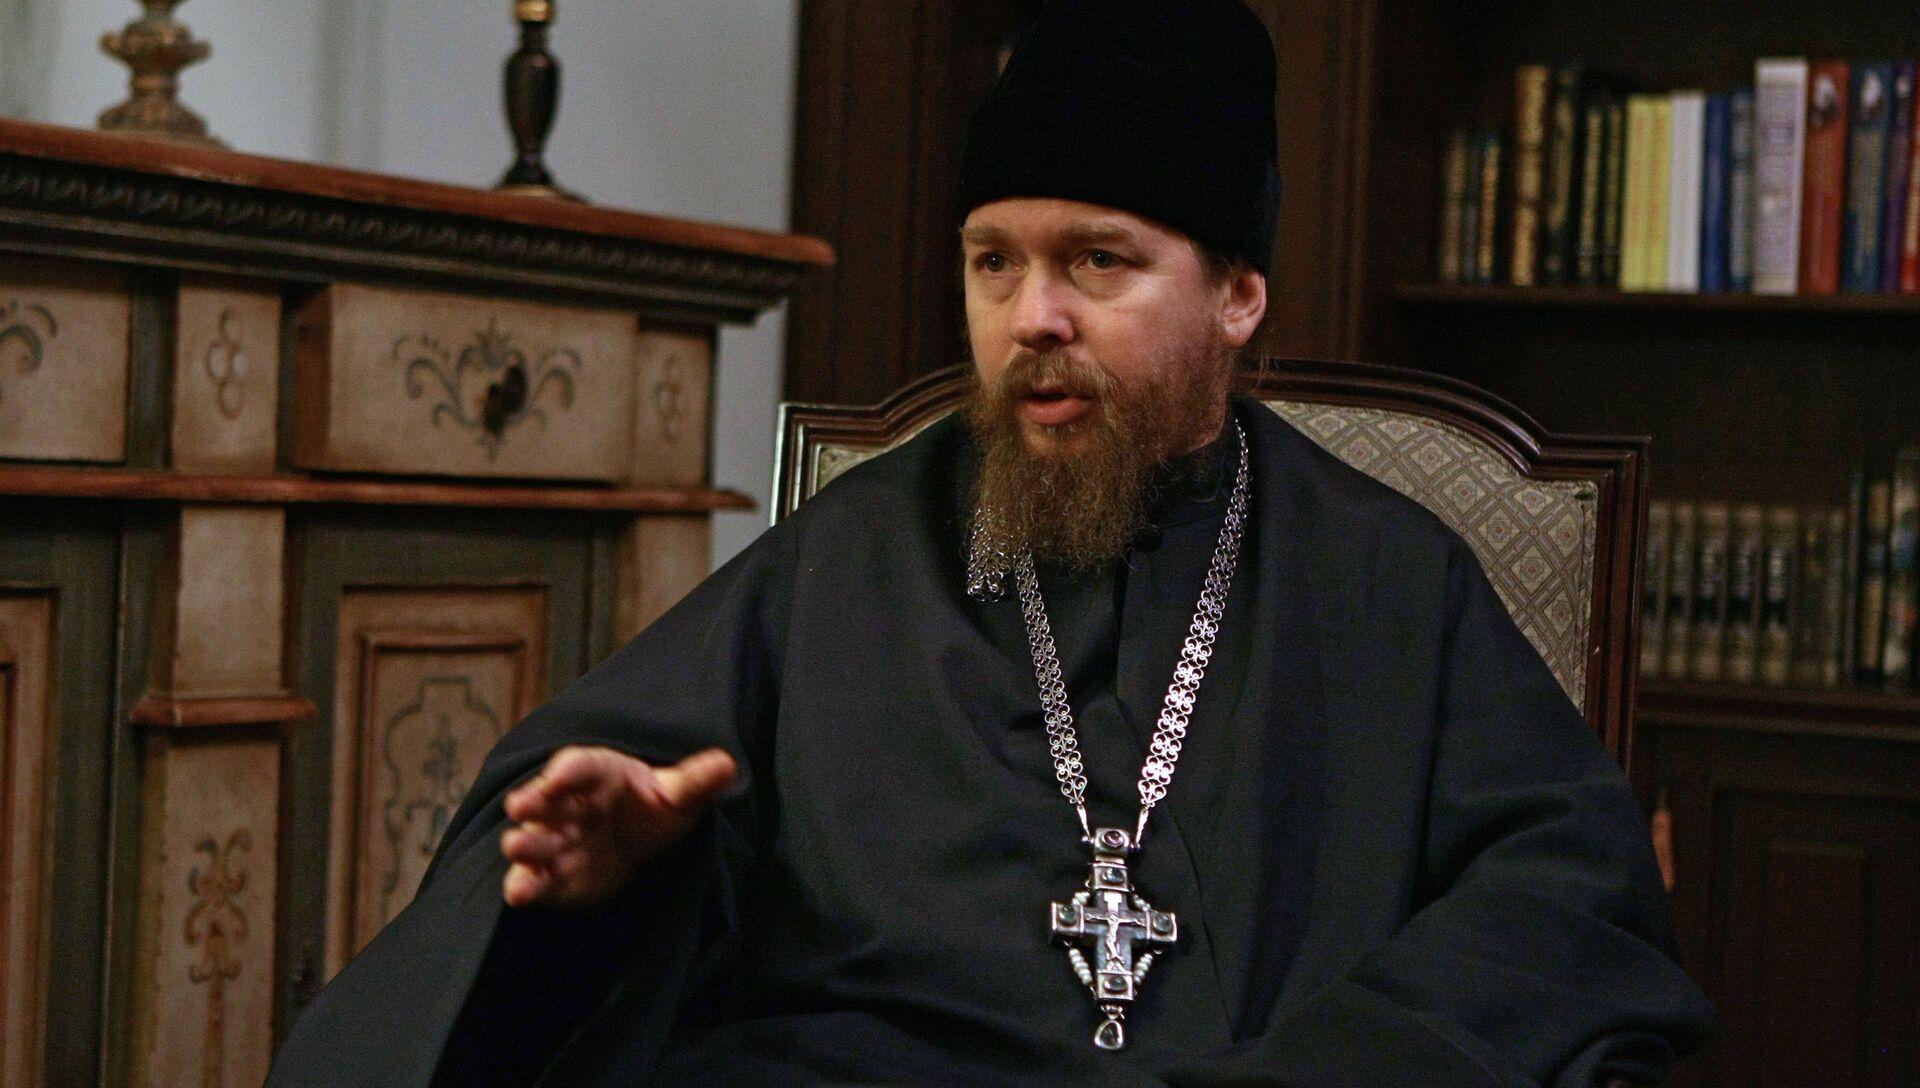 Наместник Сретенского монастыря епископ Тихон - РИА Новости, 1920, 14.12.2016